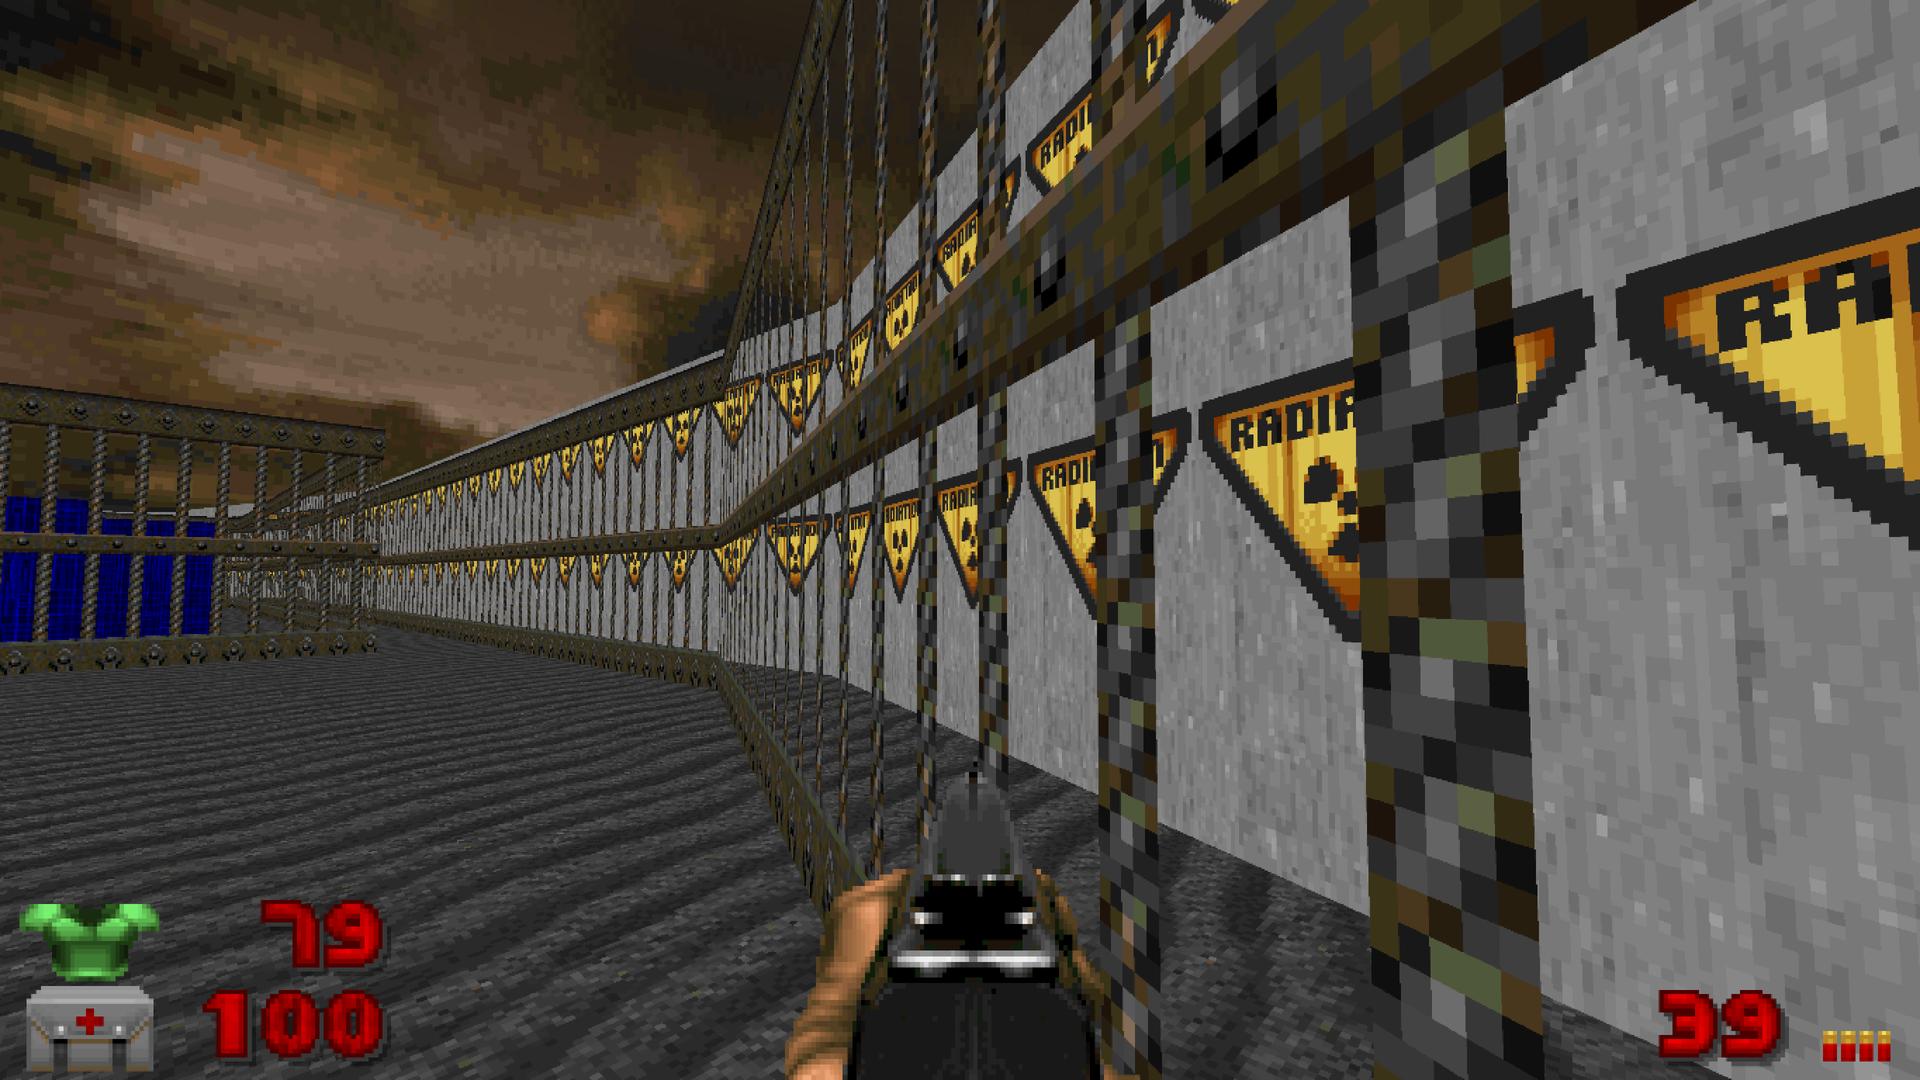 Screenshot_Doom_20200404_211738.png.84b0ea9a7c87d5eacbd135063f0499c4.png